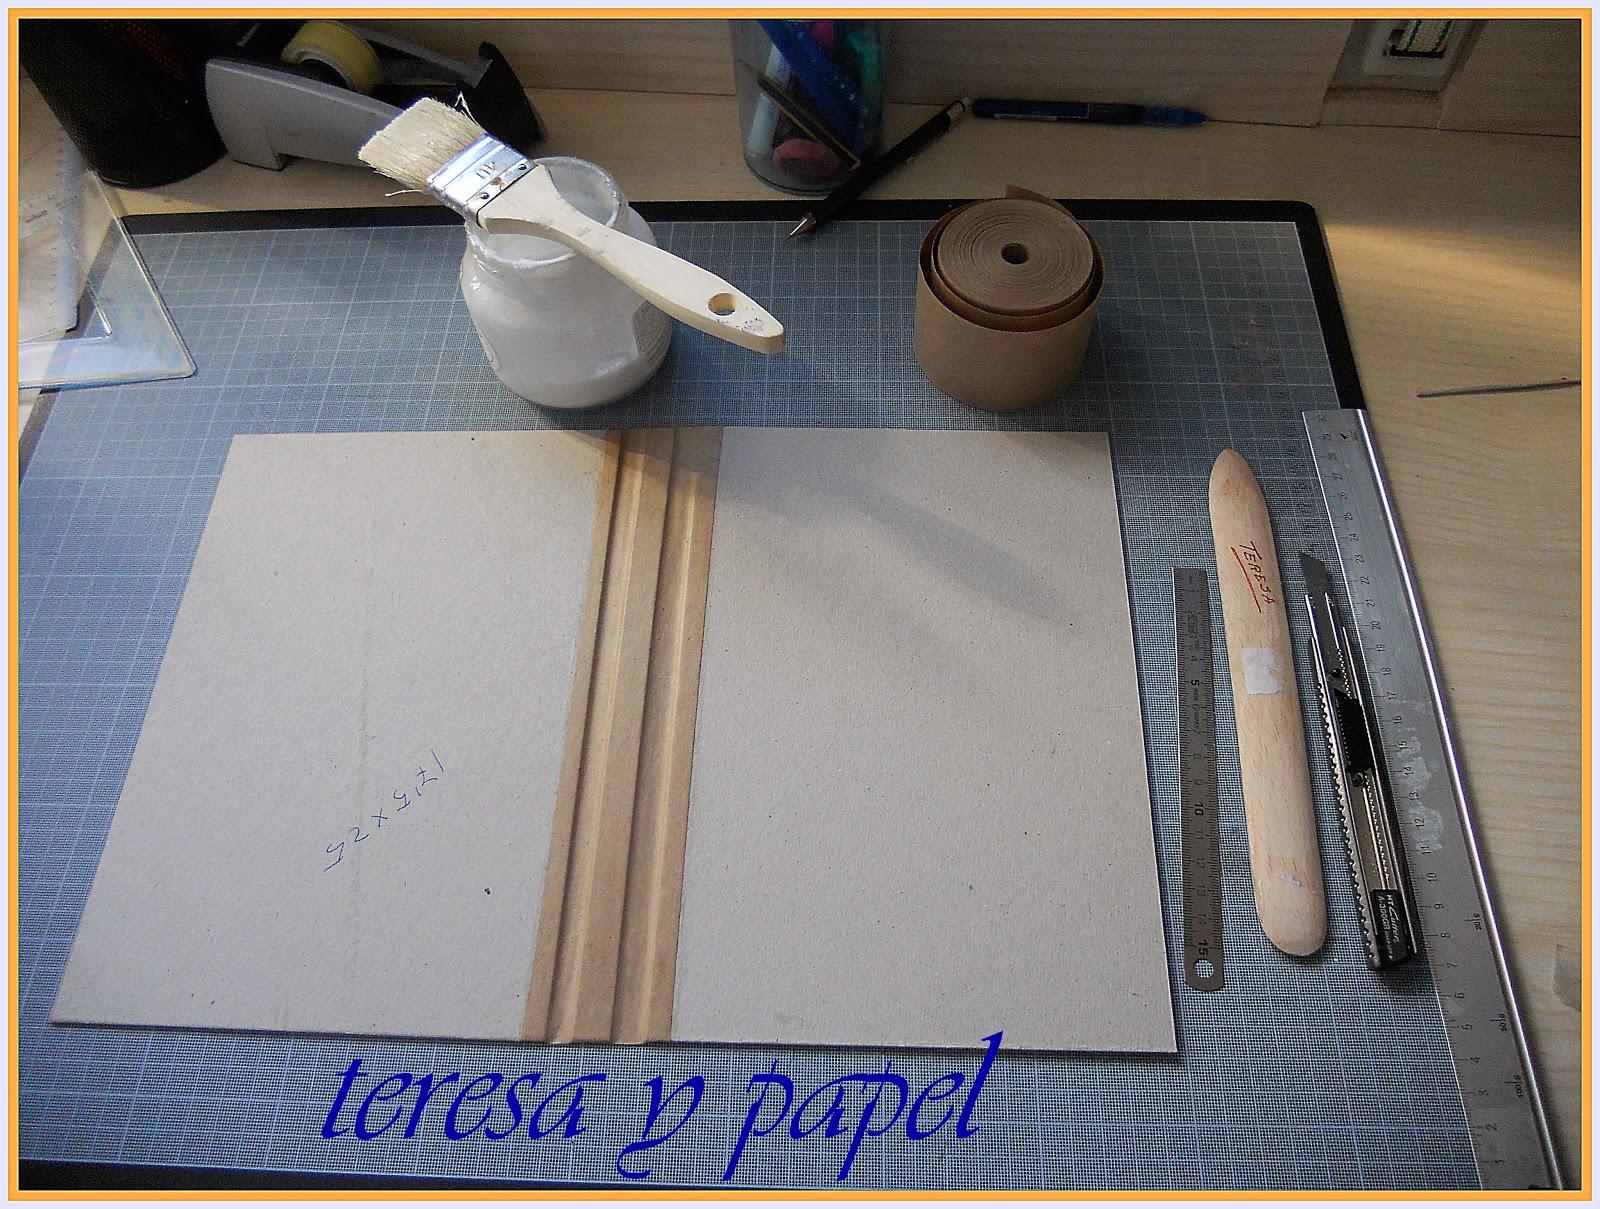 Teresa y papel libro de cocina encuadernaci n for Libro procesos de cocina